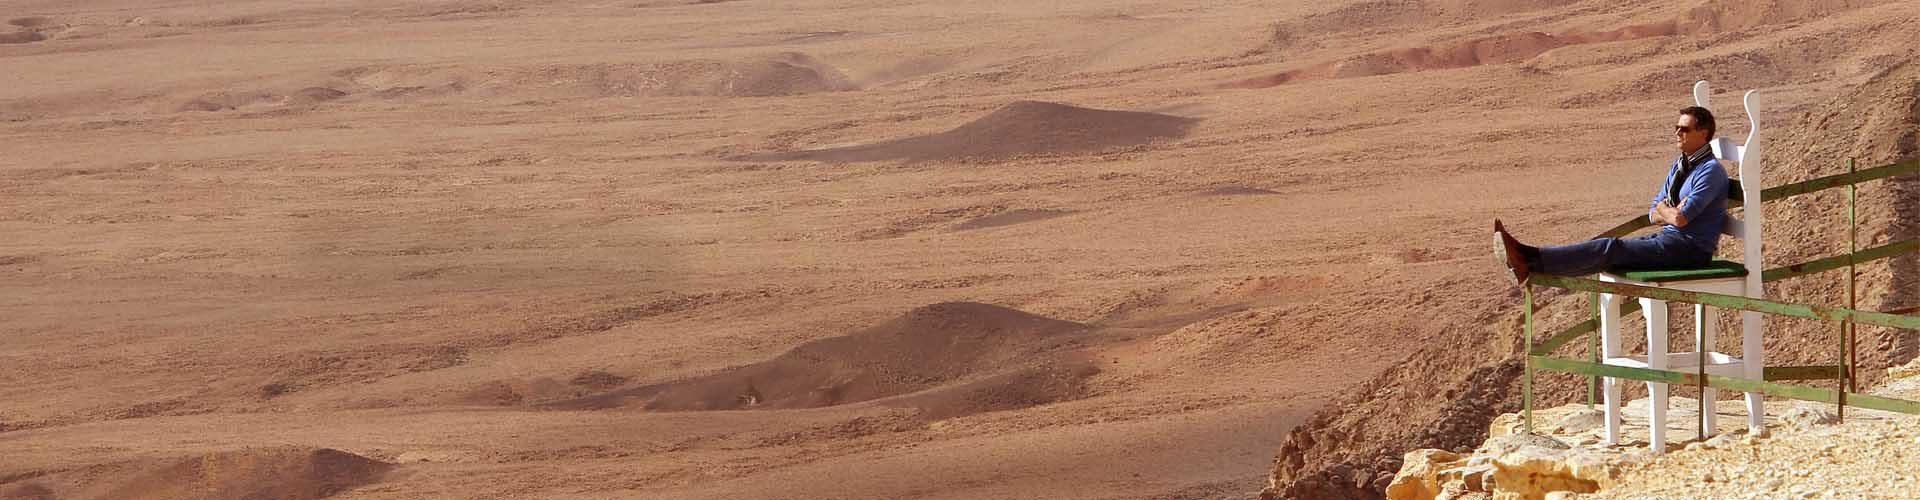 השראה מהמדבר